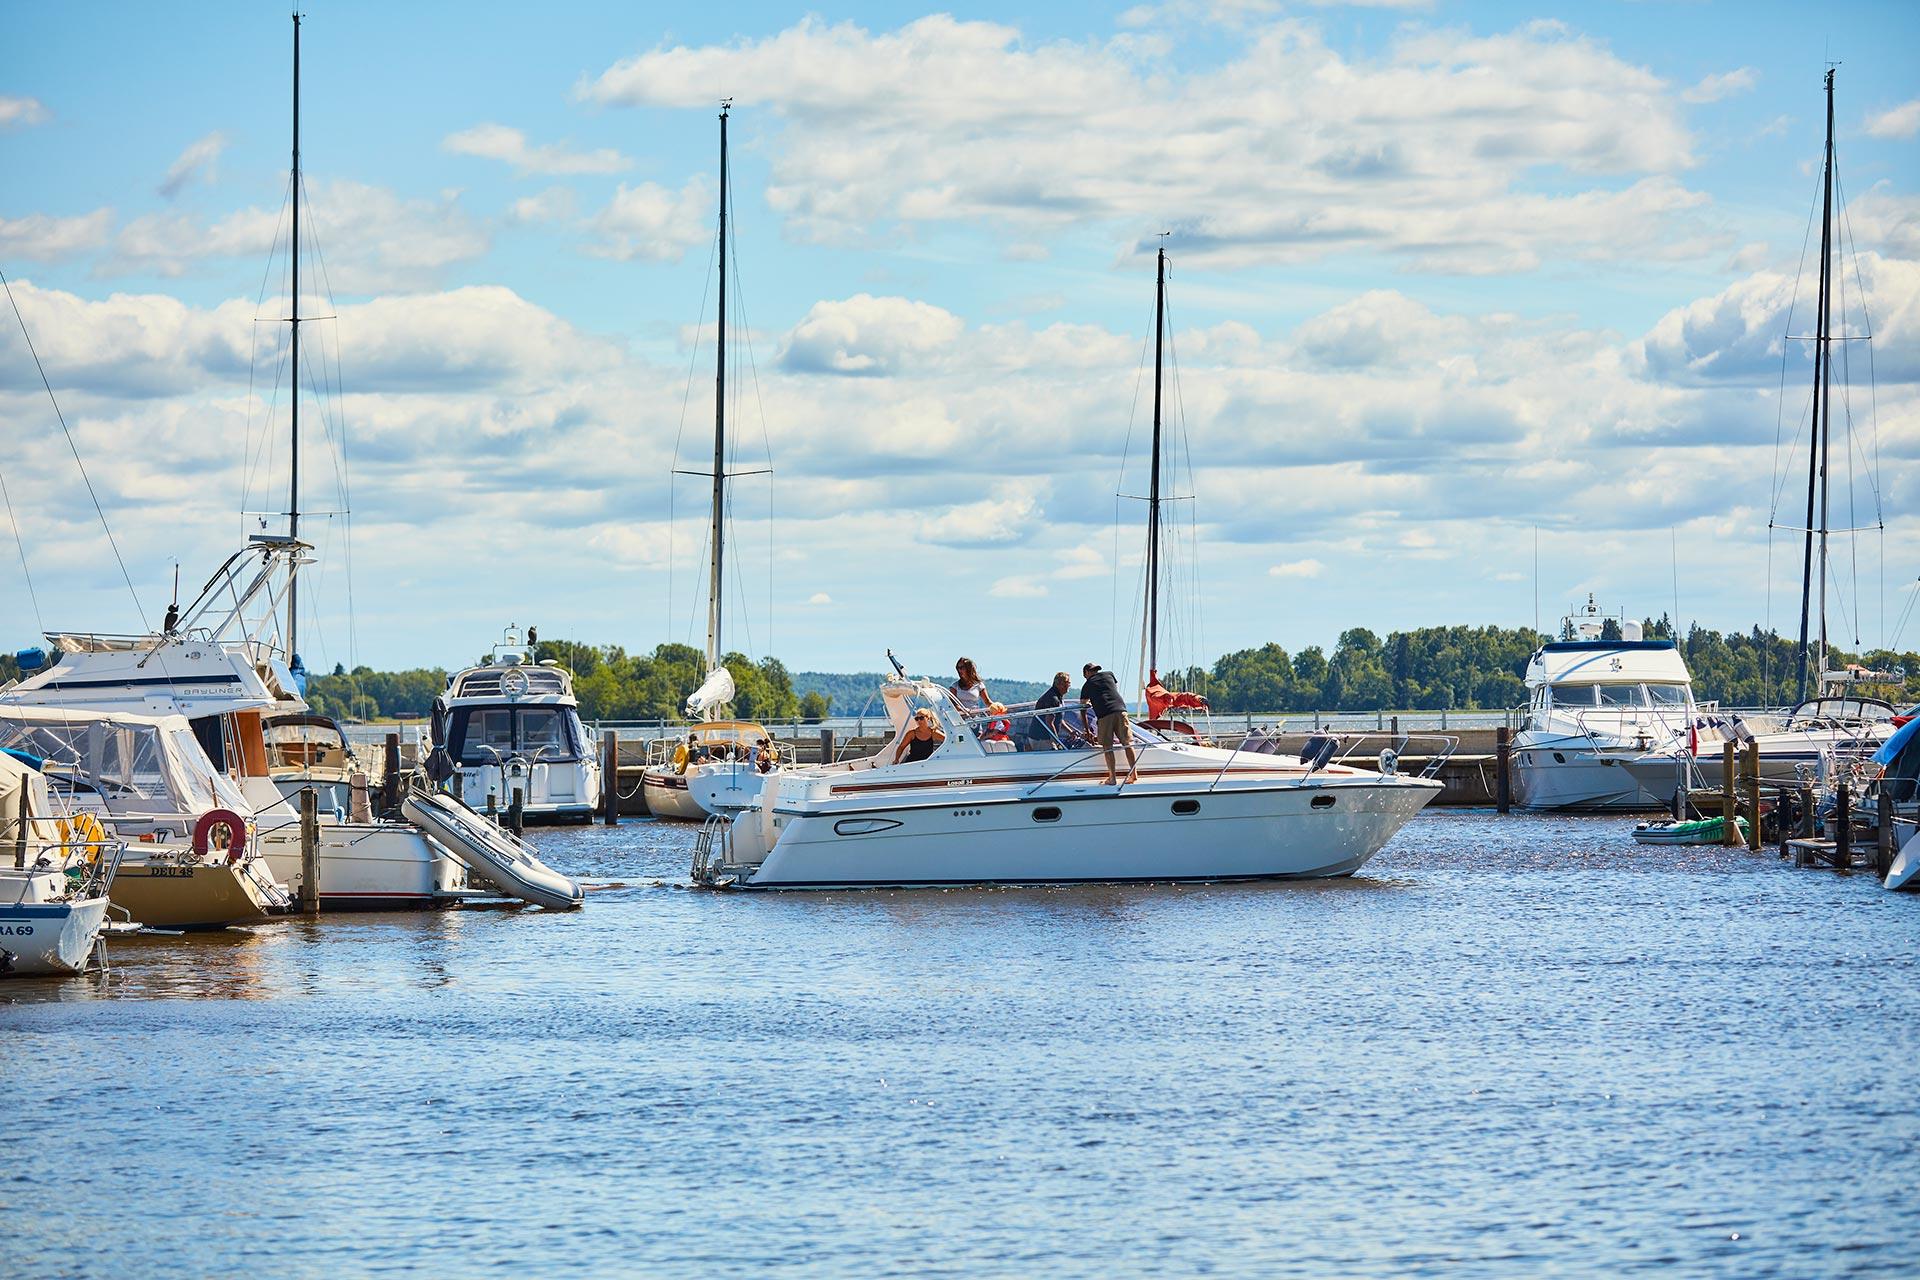 Båtar i Gästhamnen i Västerås. Fotograf: Pia Nordlander